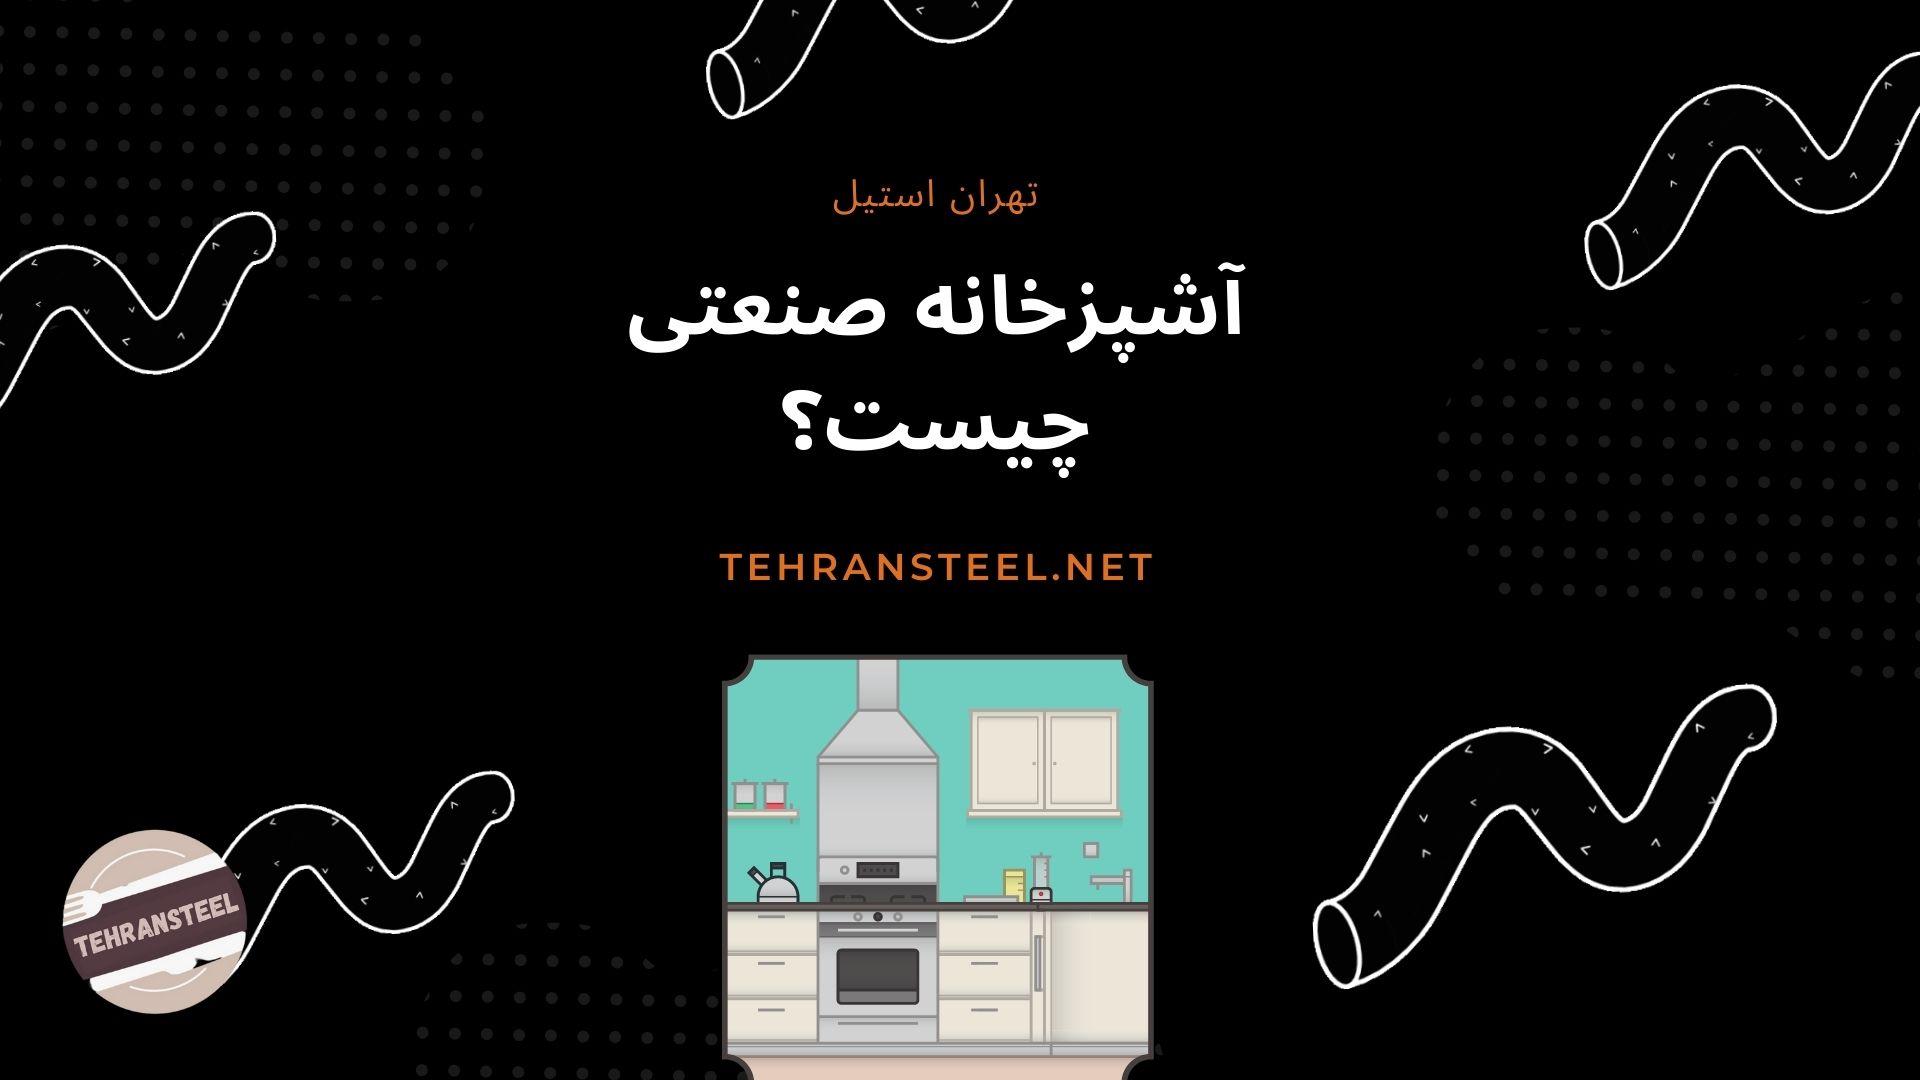 آشپزخانه صنعتی چیست؟